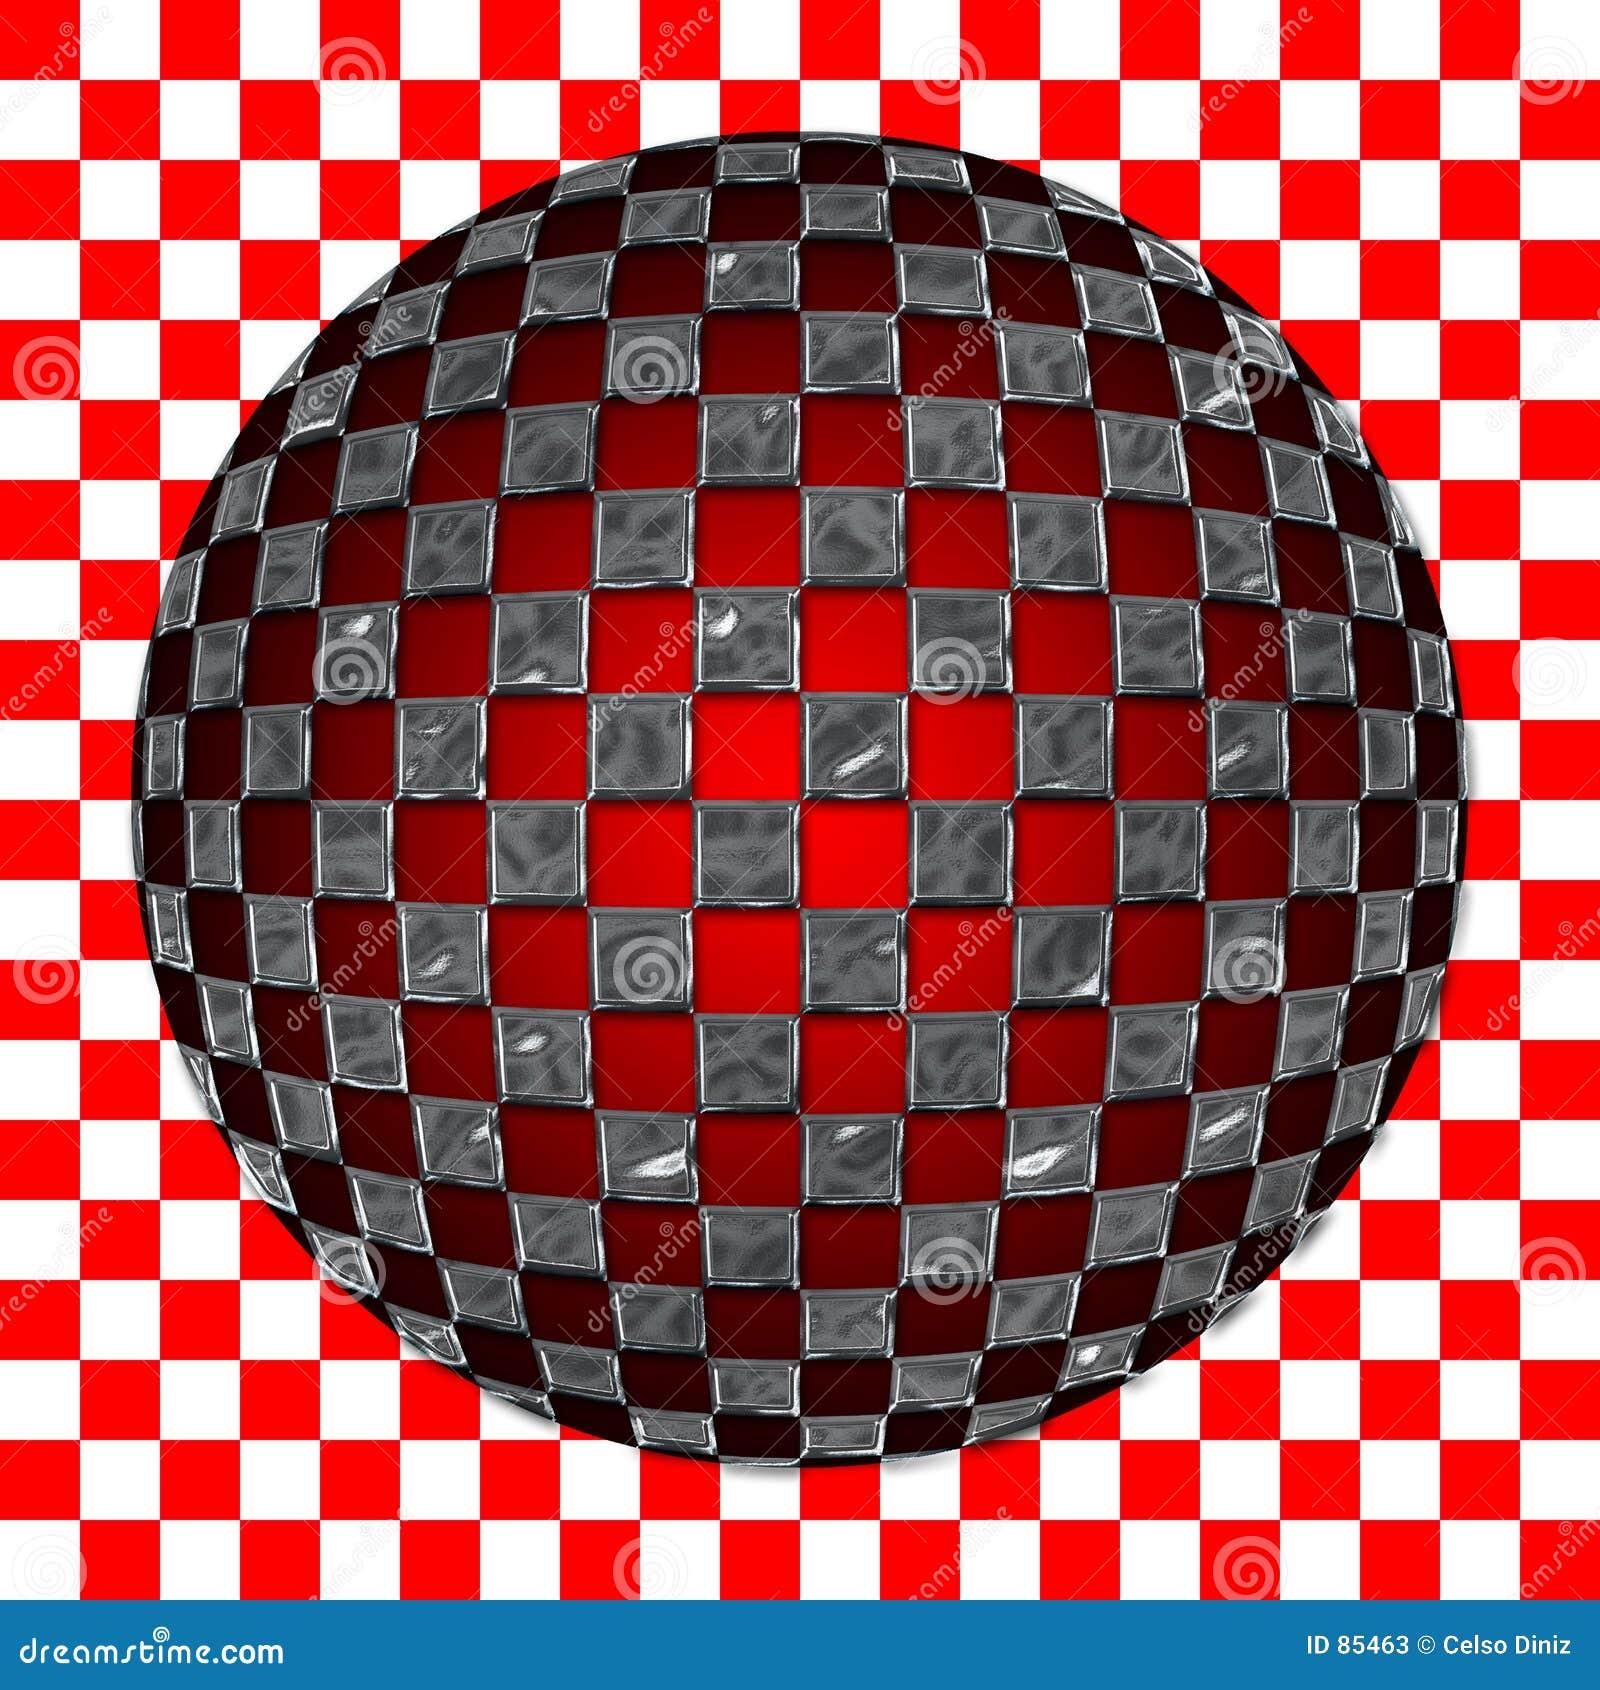 сделайте по образцу spherized серебр приданным квадратную форму